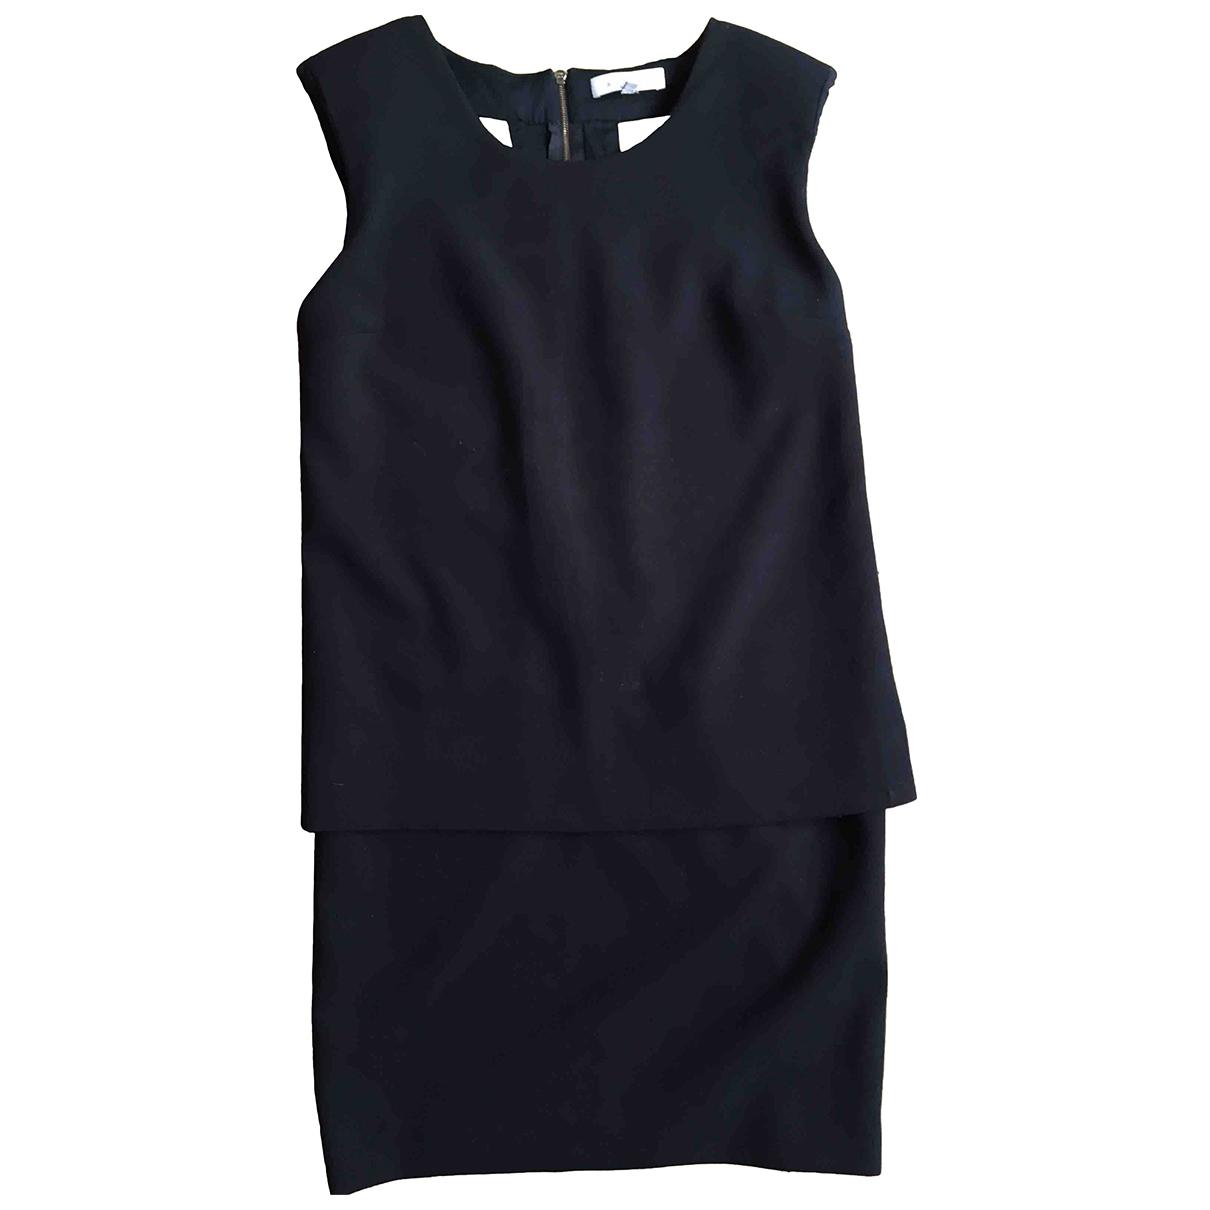 Sandro \N Black dress for Women 40 IT